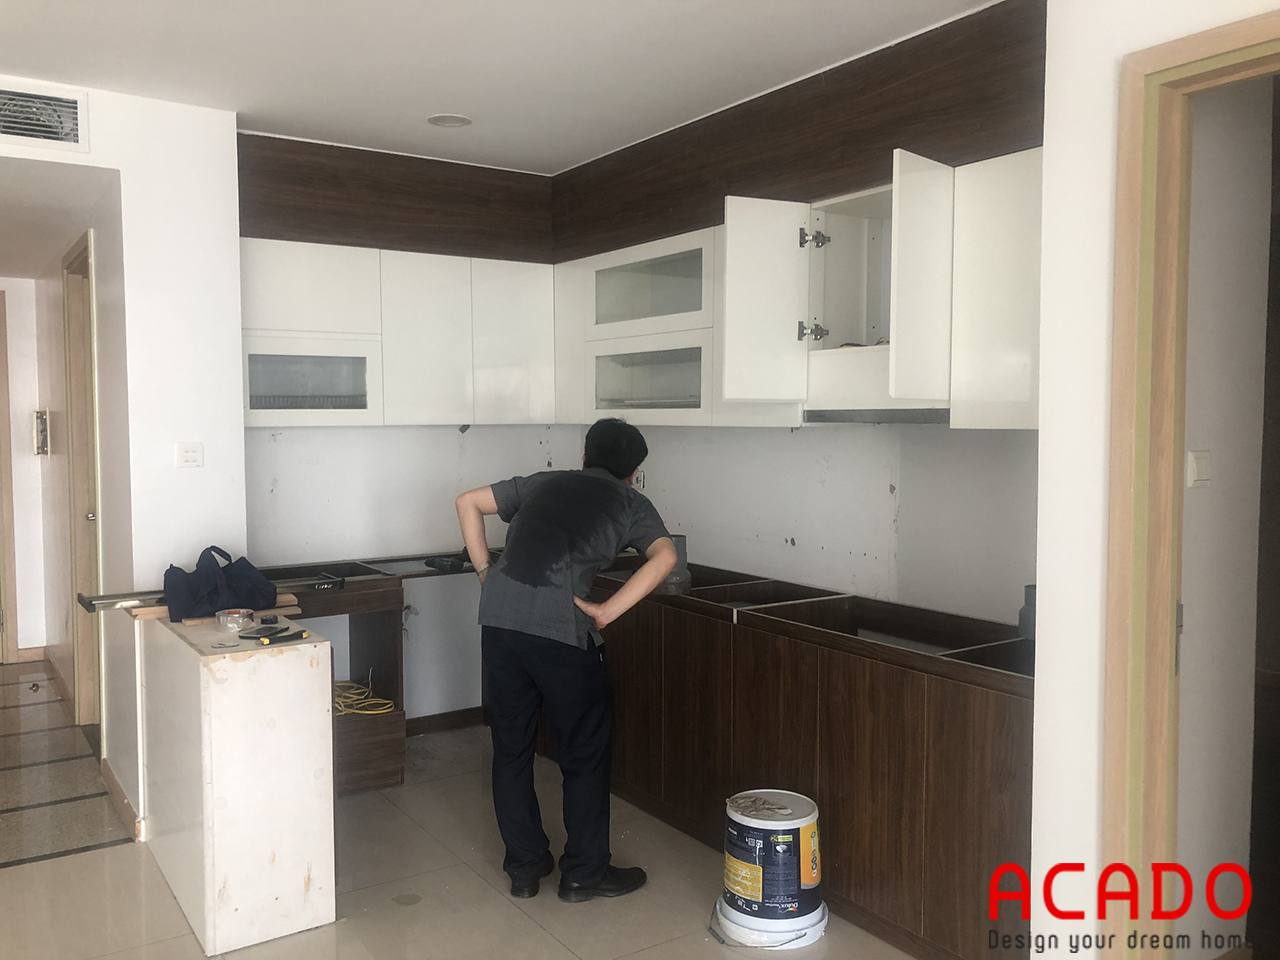 Hình ảnh anh Toàn và bộ tủ bếp của gia đình mình, anh rất hài lòng